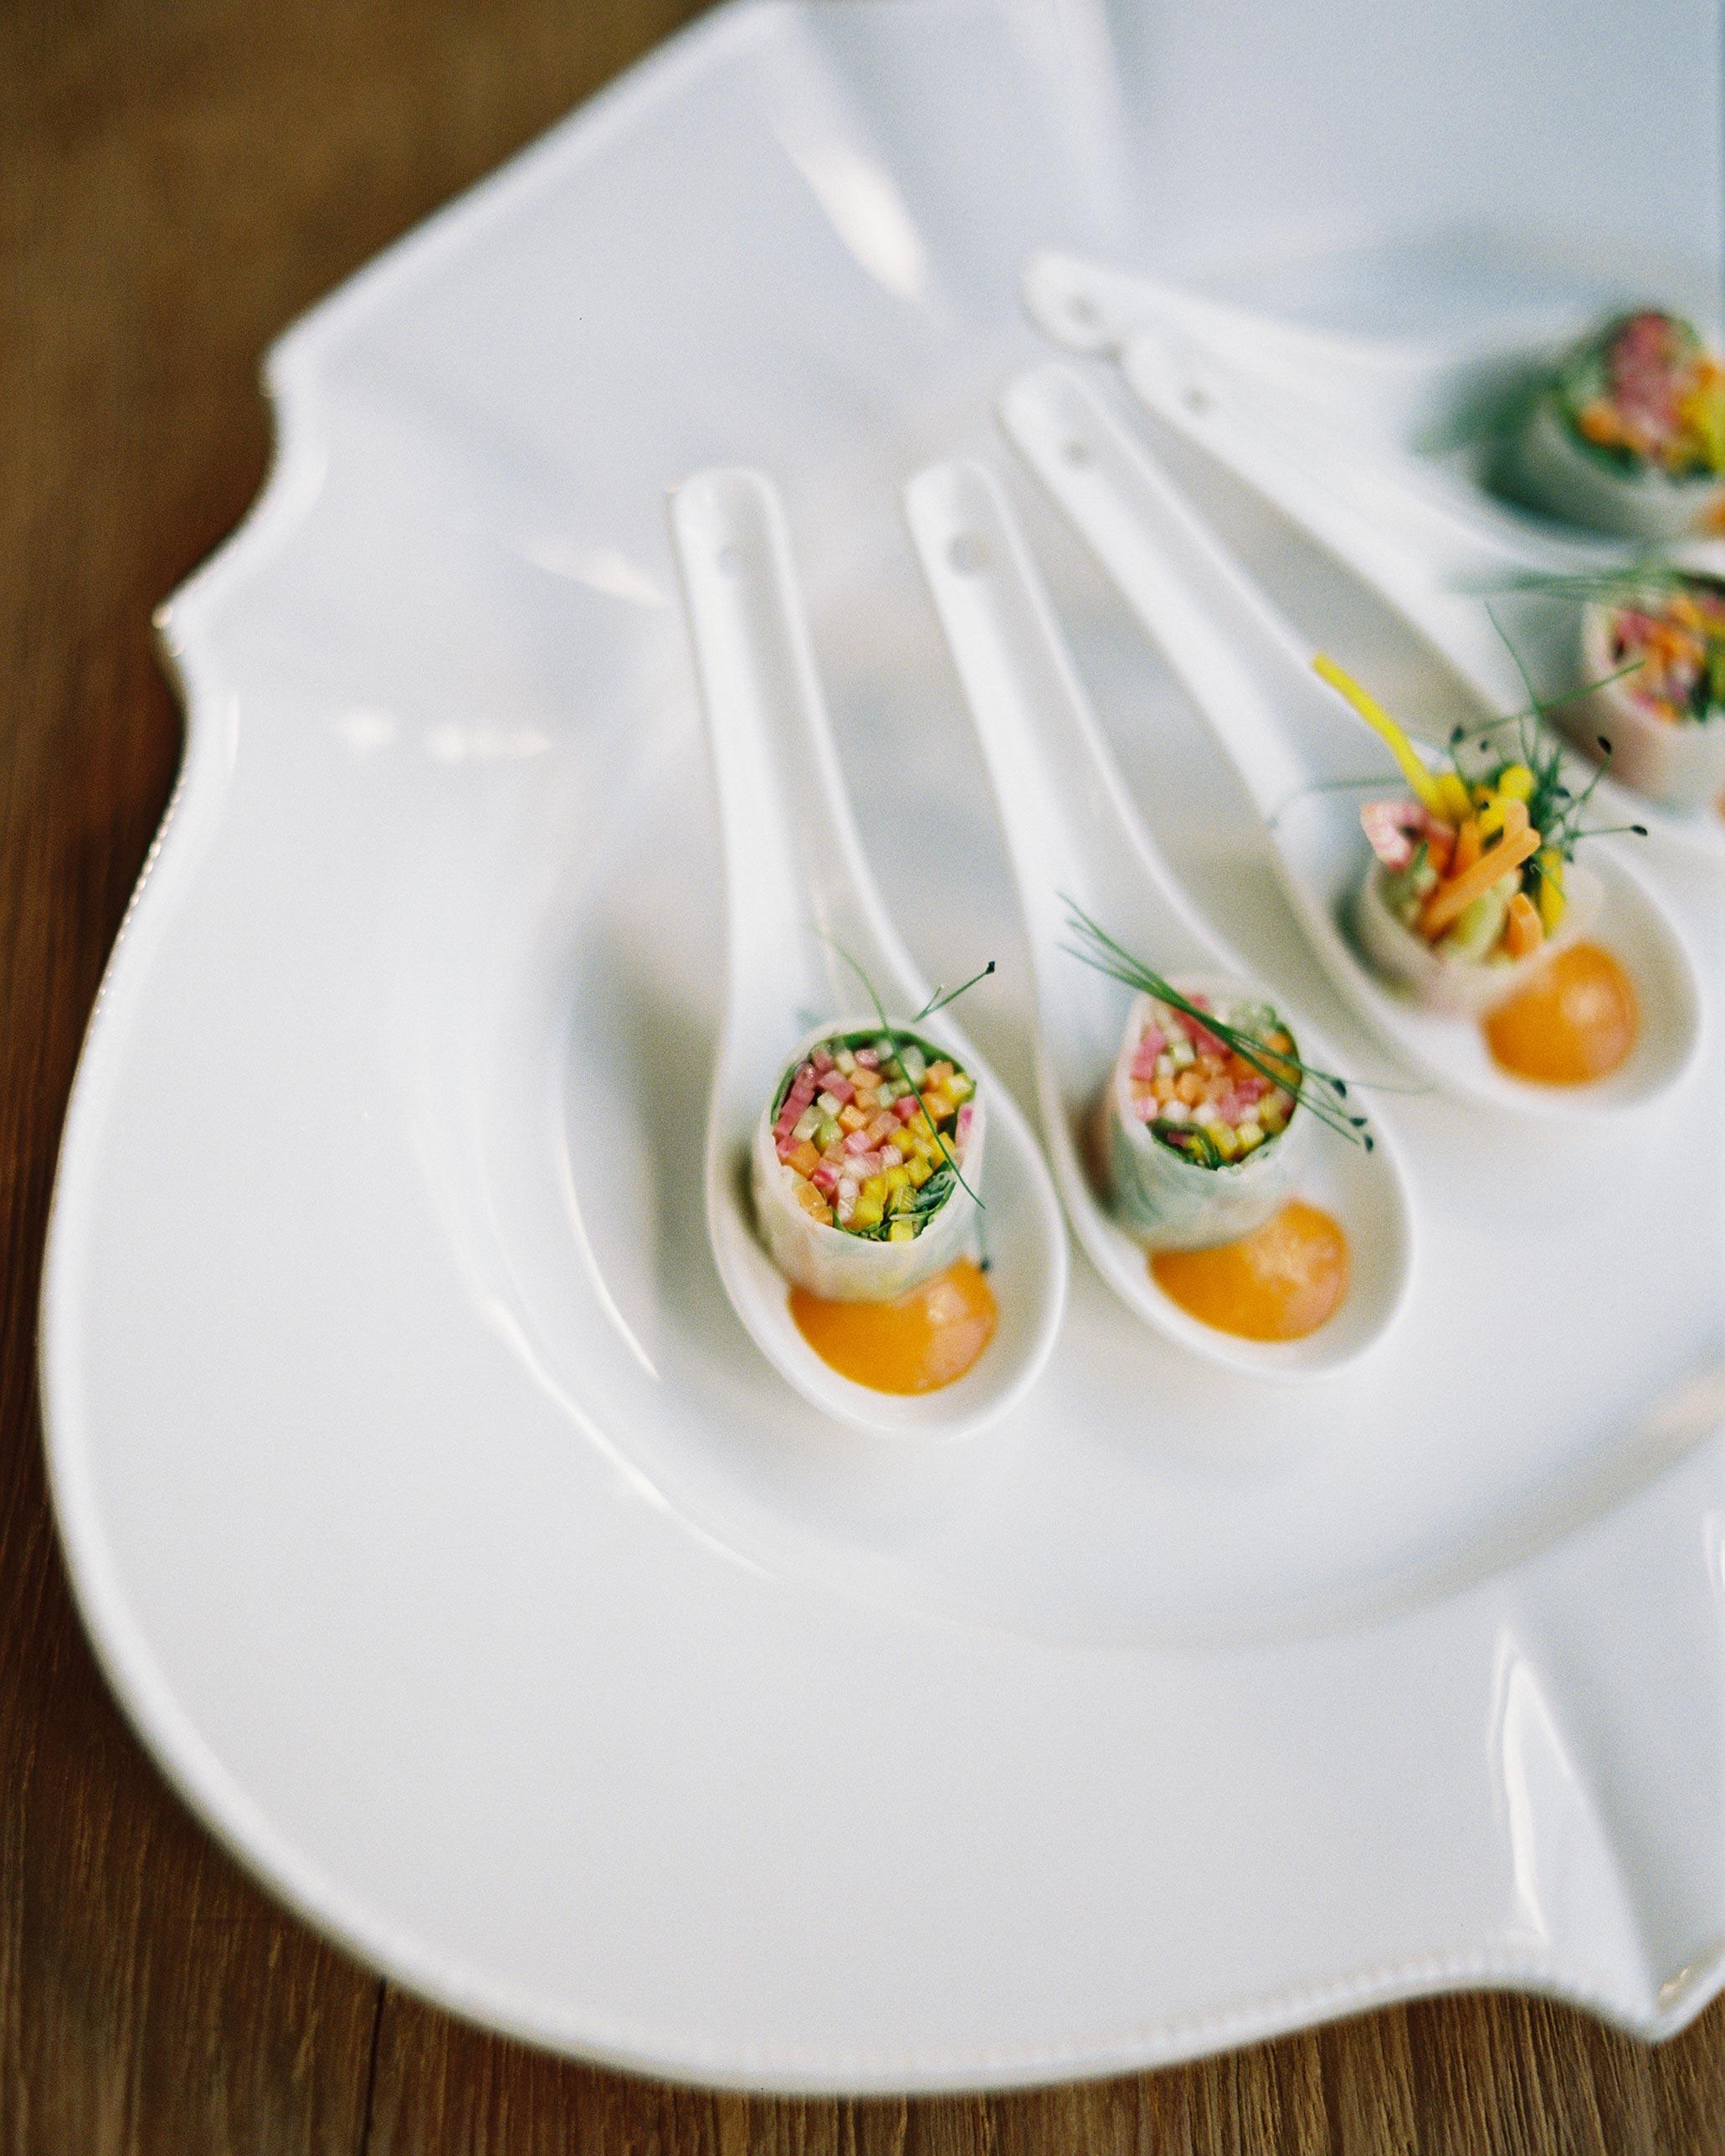 spring-summer-food-trends-summer-rolls-0516.jpg